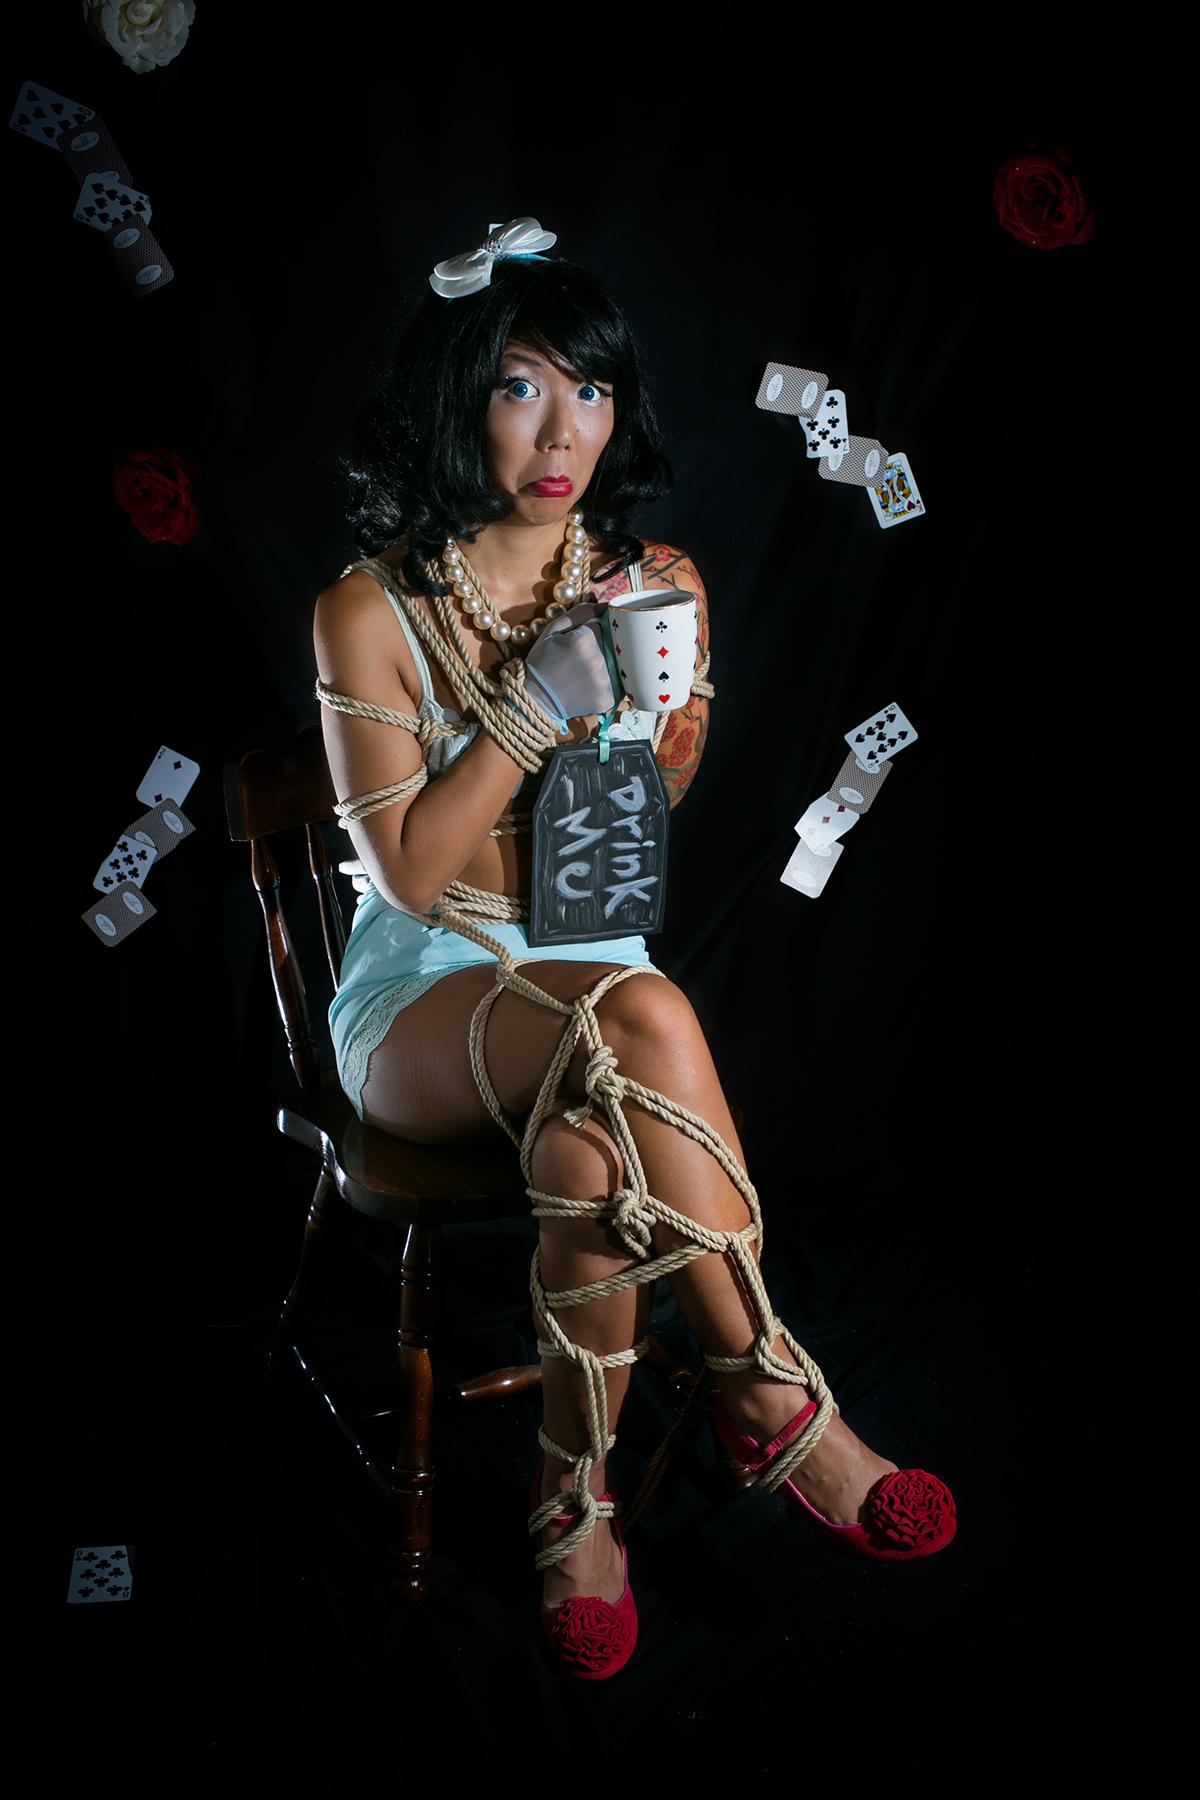 Photo by Mistress Maru